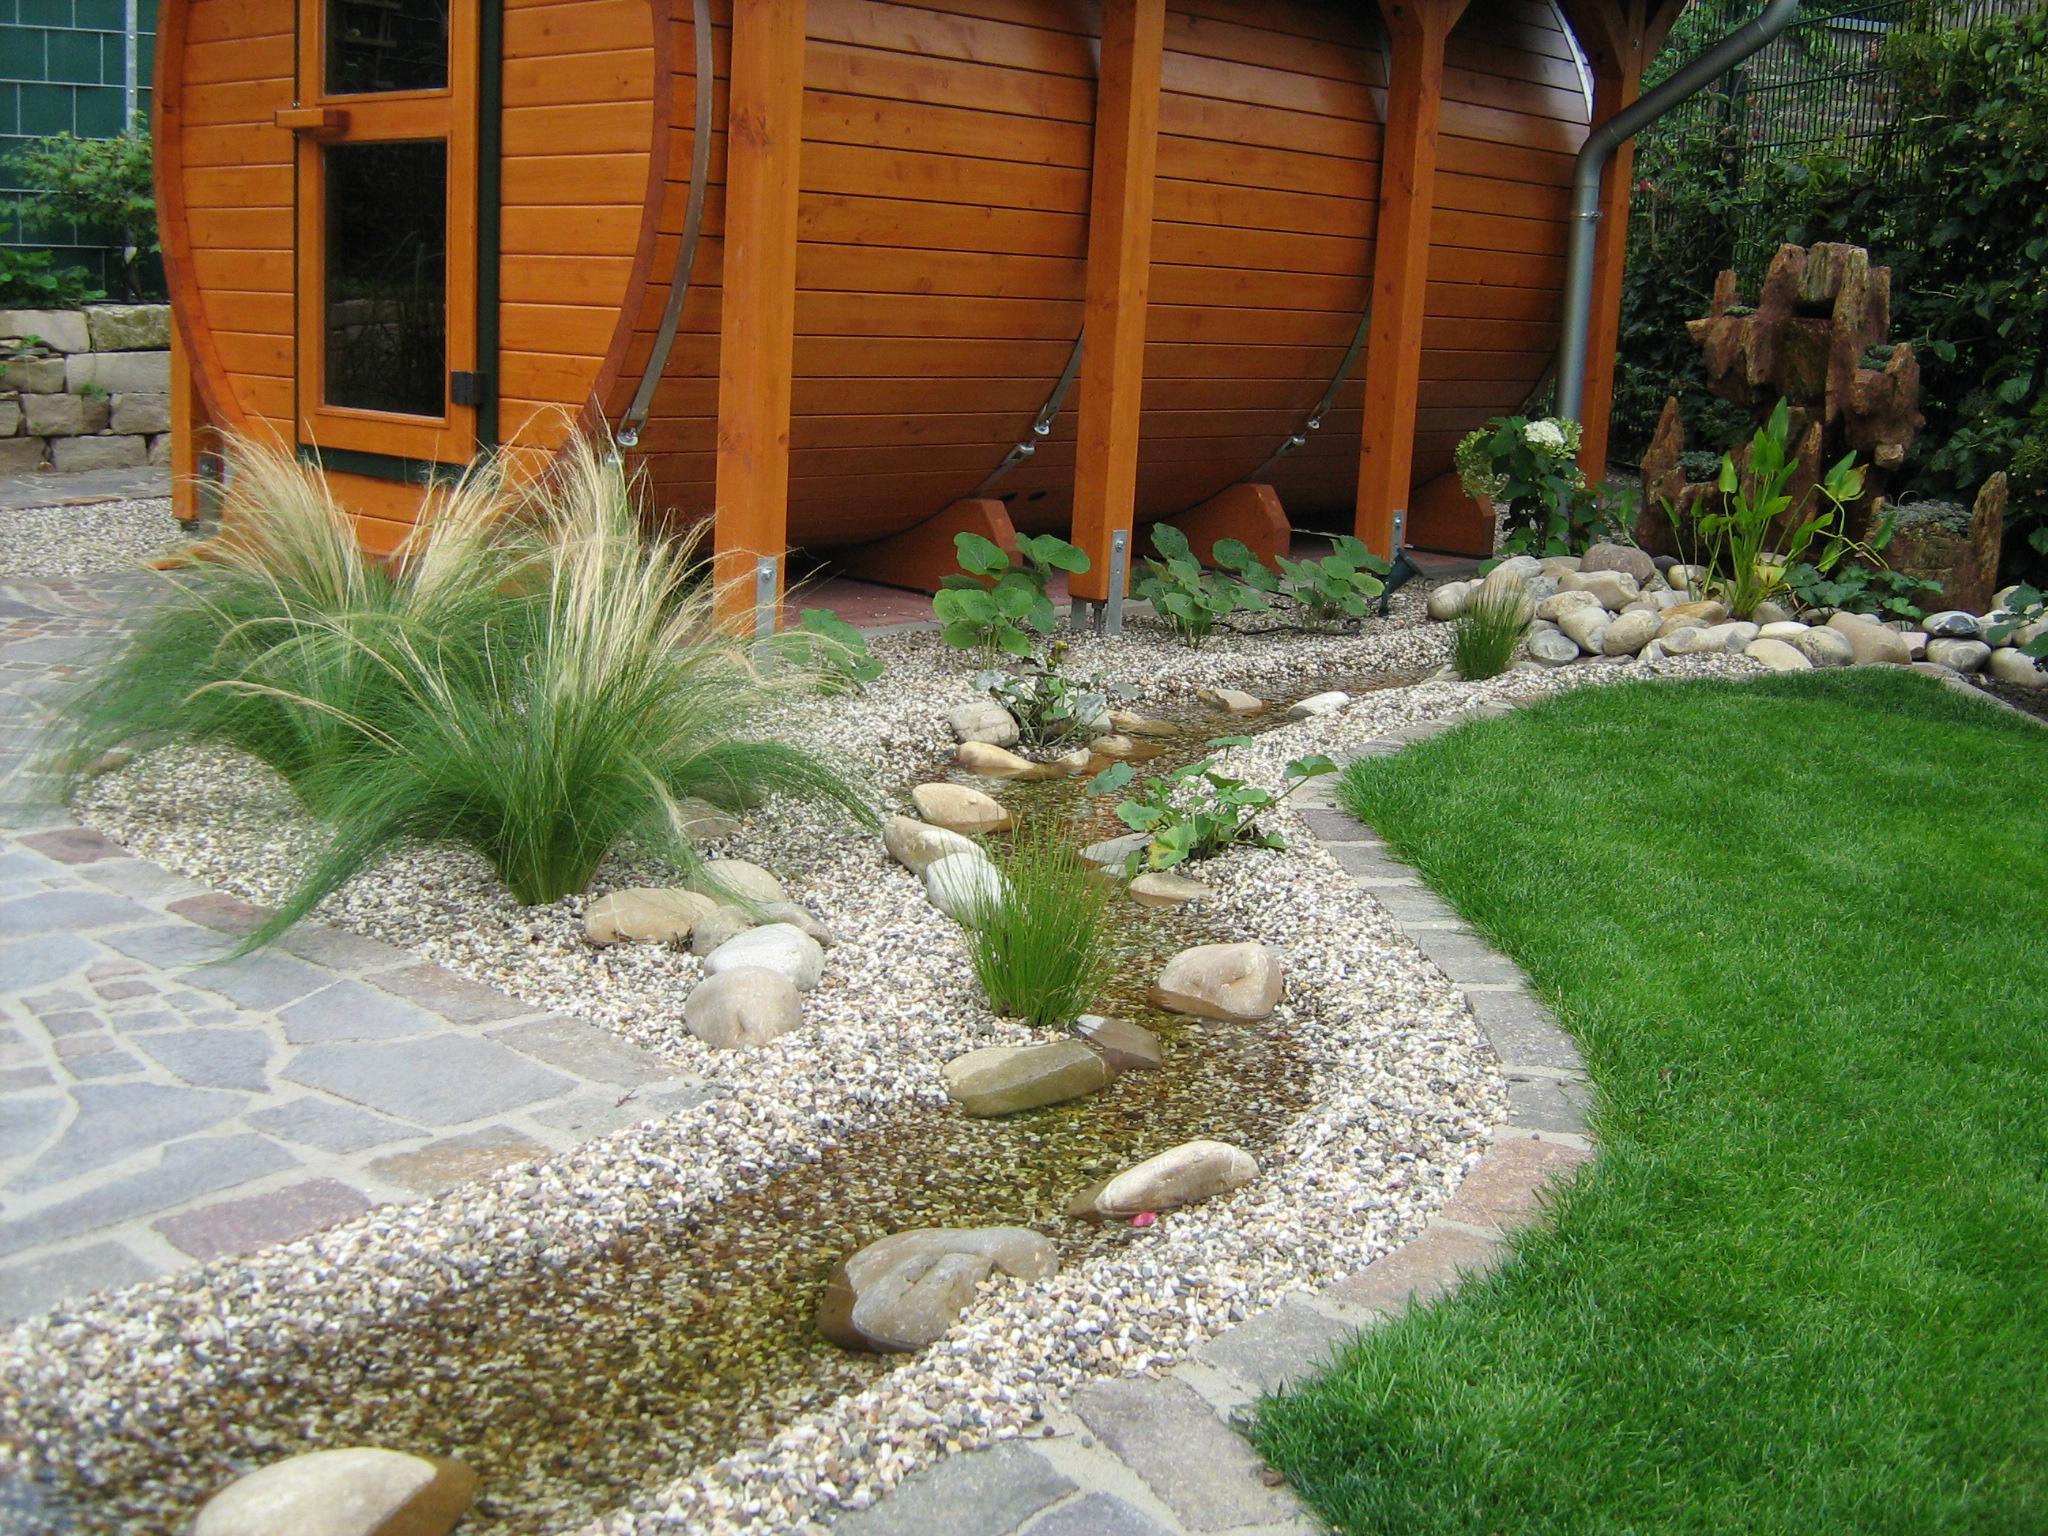 garten- und landschaftsbau b. bauhaus, bocholt - gartengestaltung, Garten und erstellen